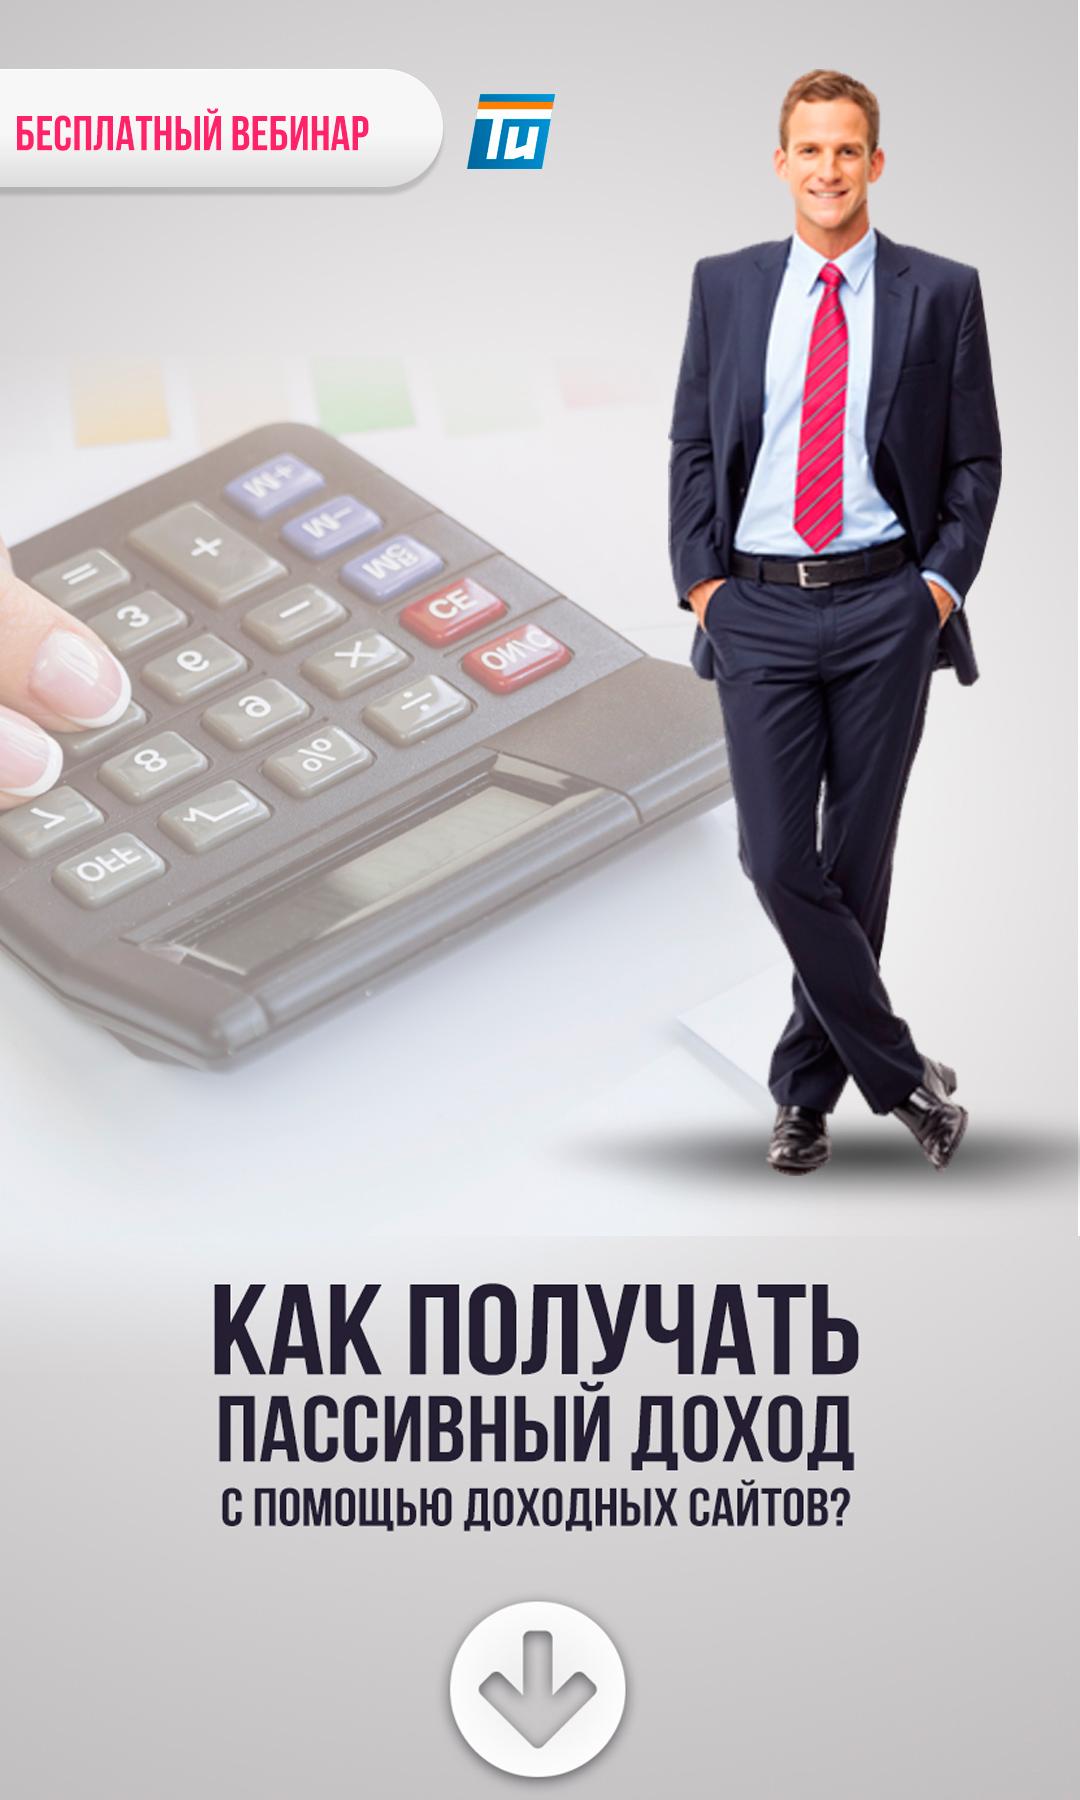 Как заработать на доходных сайтах - СМОТРЕТЬ ВИДЕО!